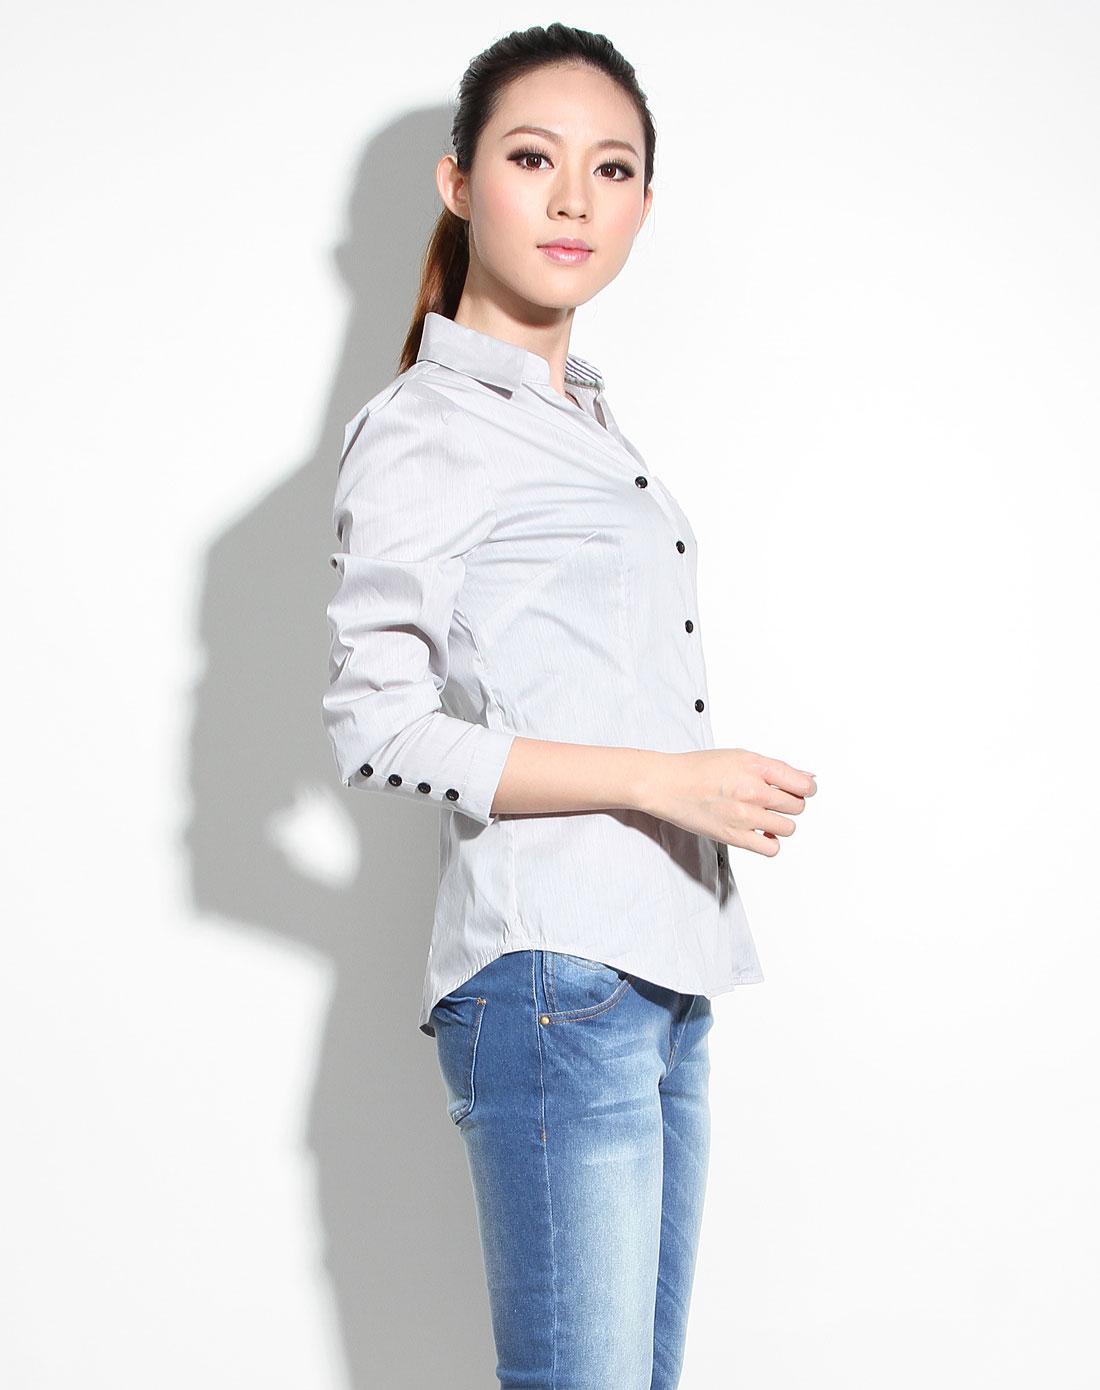 女休闲�z(�:(�ybj�f_女款浅灰色休闲长袖衬衫